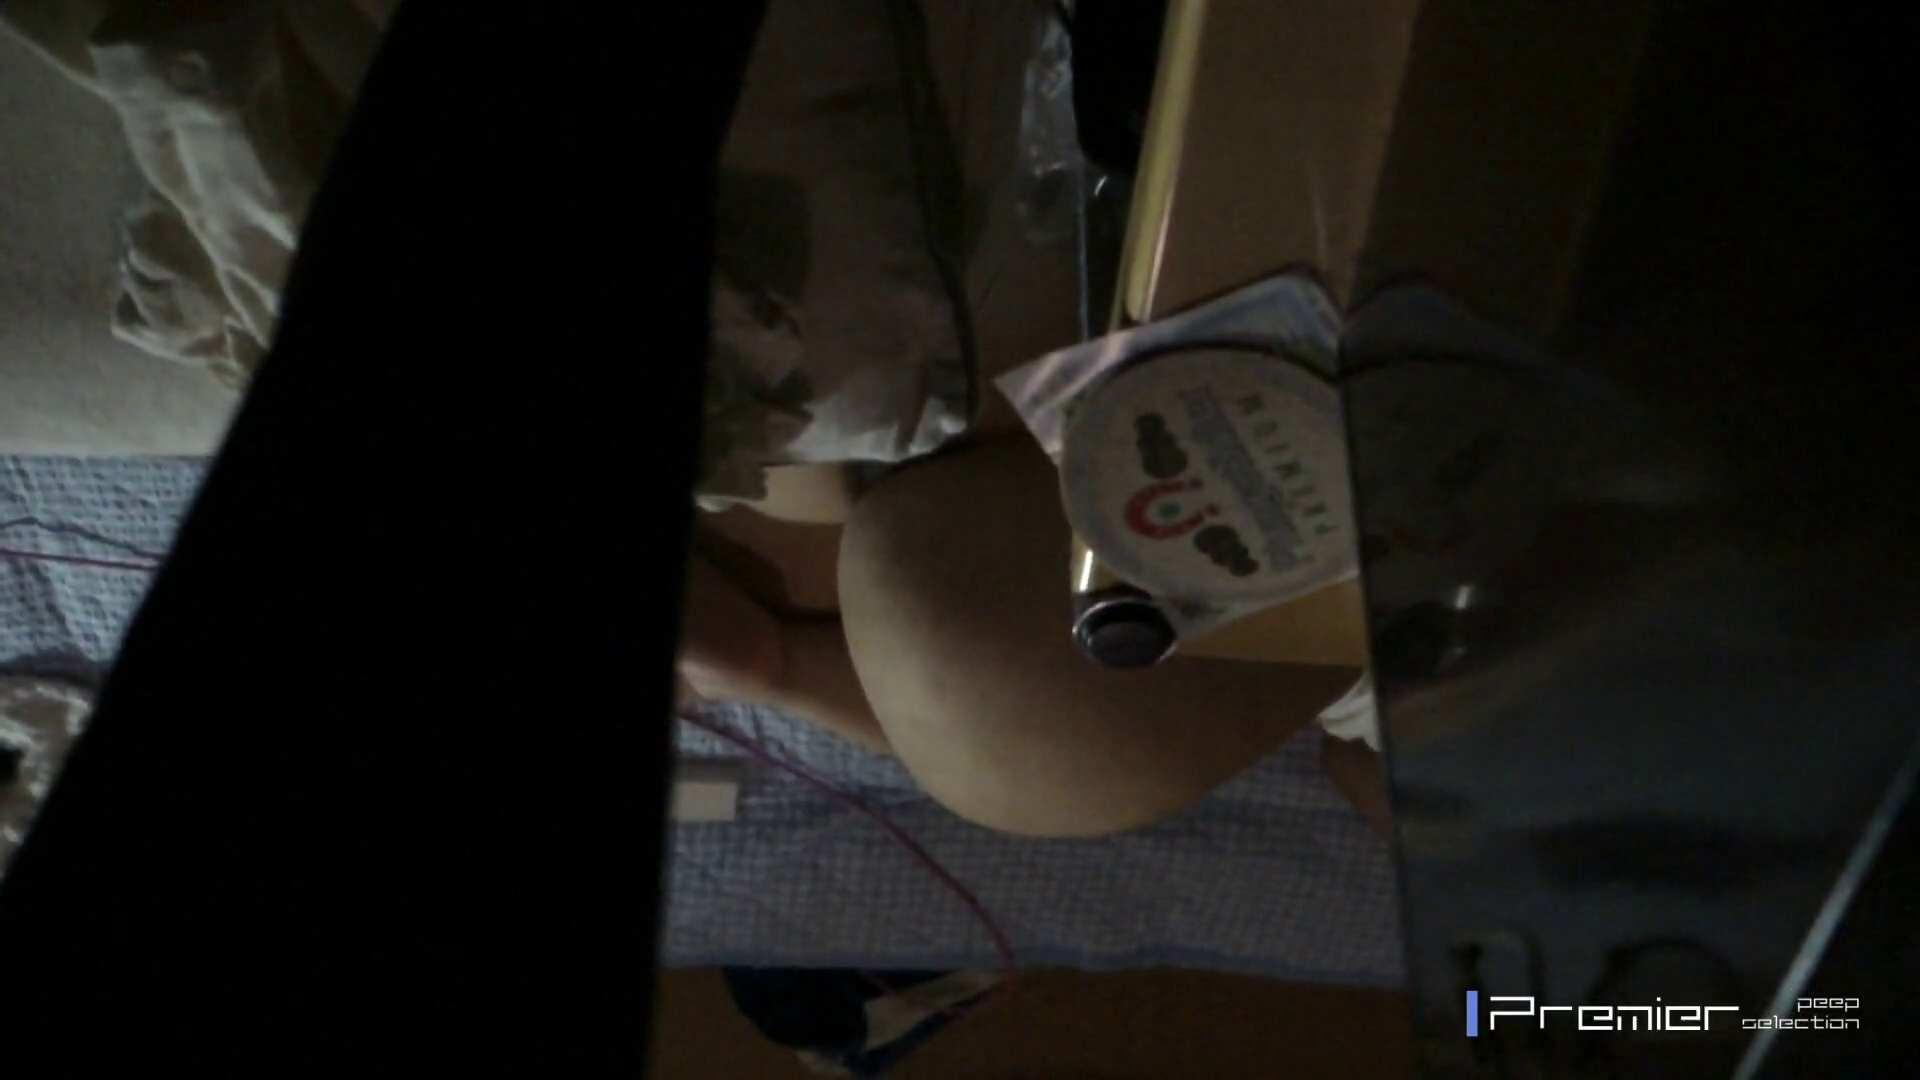 マニア必見!ポチャ達のカーニバル美女達の私生活に潜入! ポチャ体型 われめAV動画紹介 88画像 54